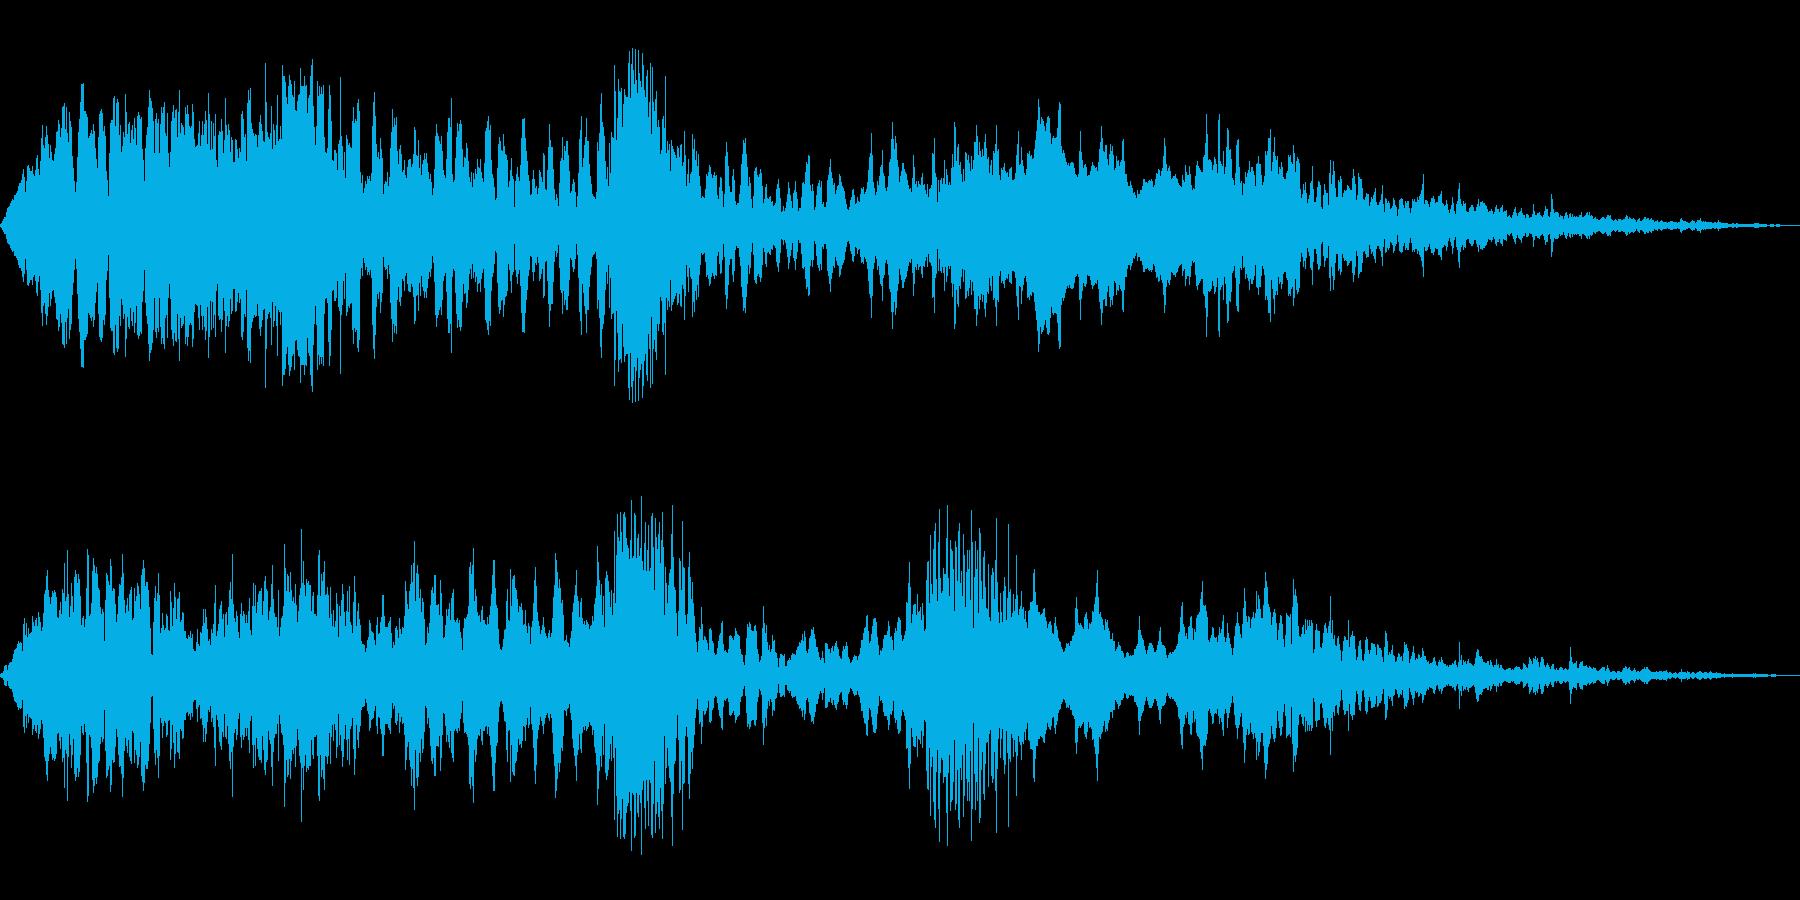 ドッドッ...(生命感あふれる環境音楽)の再生済みの波形